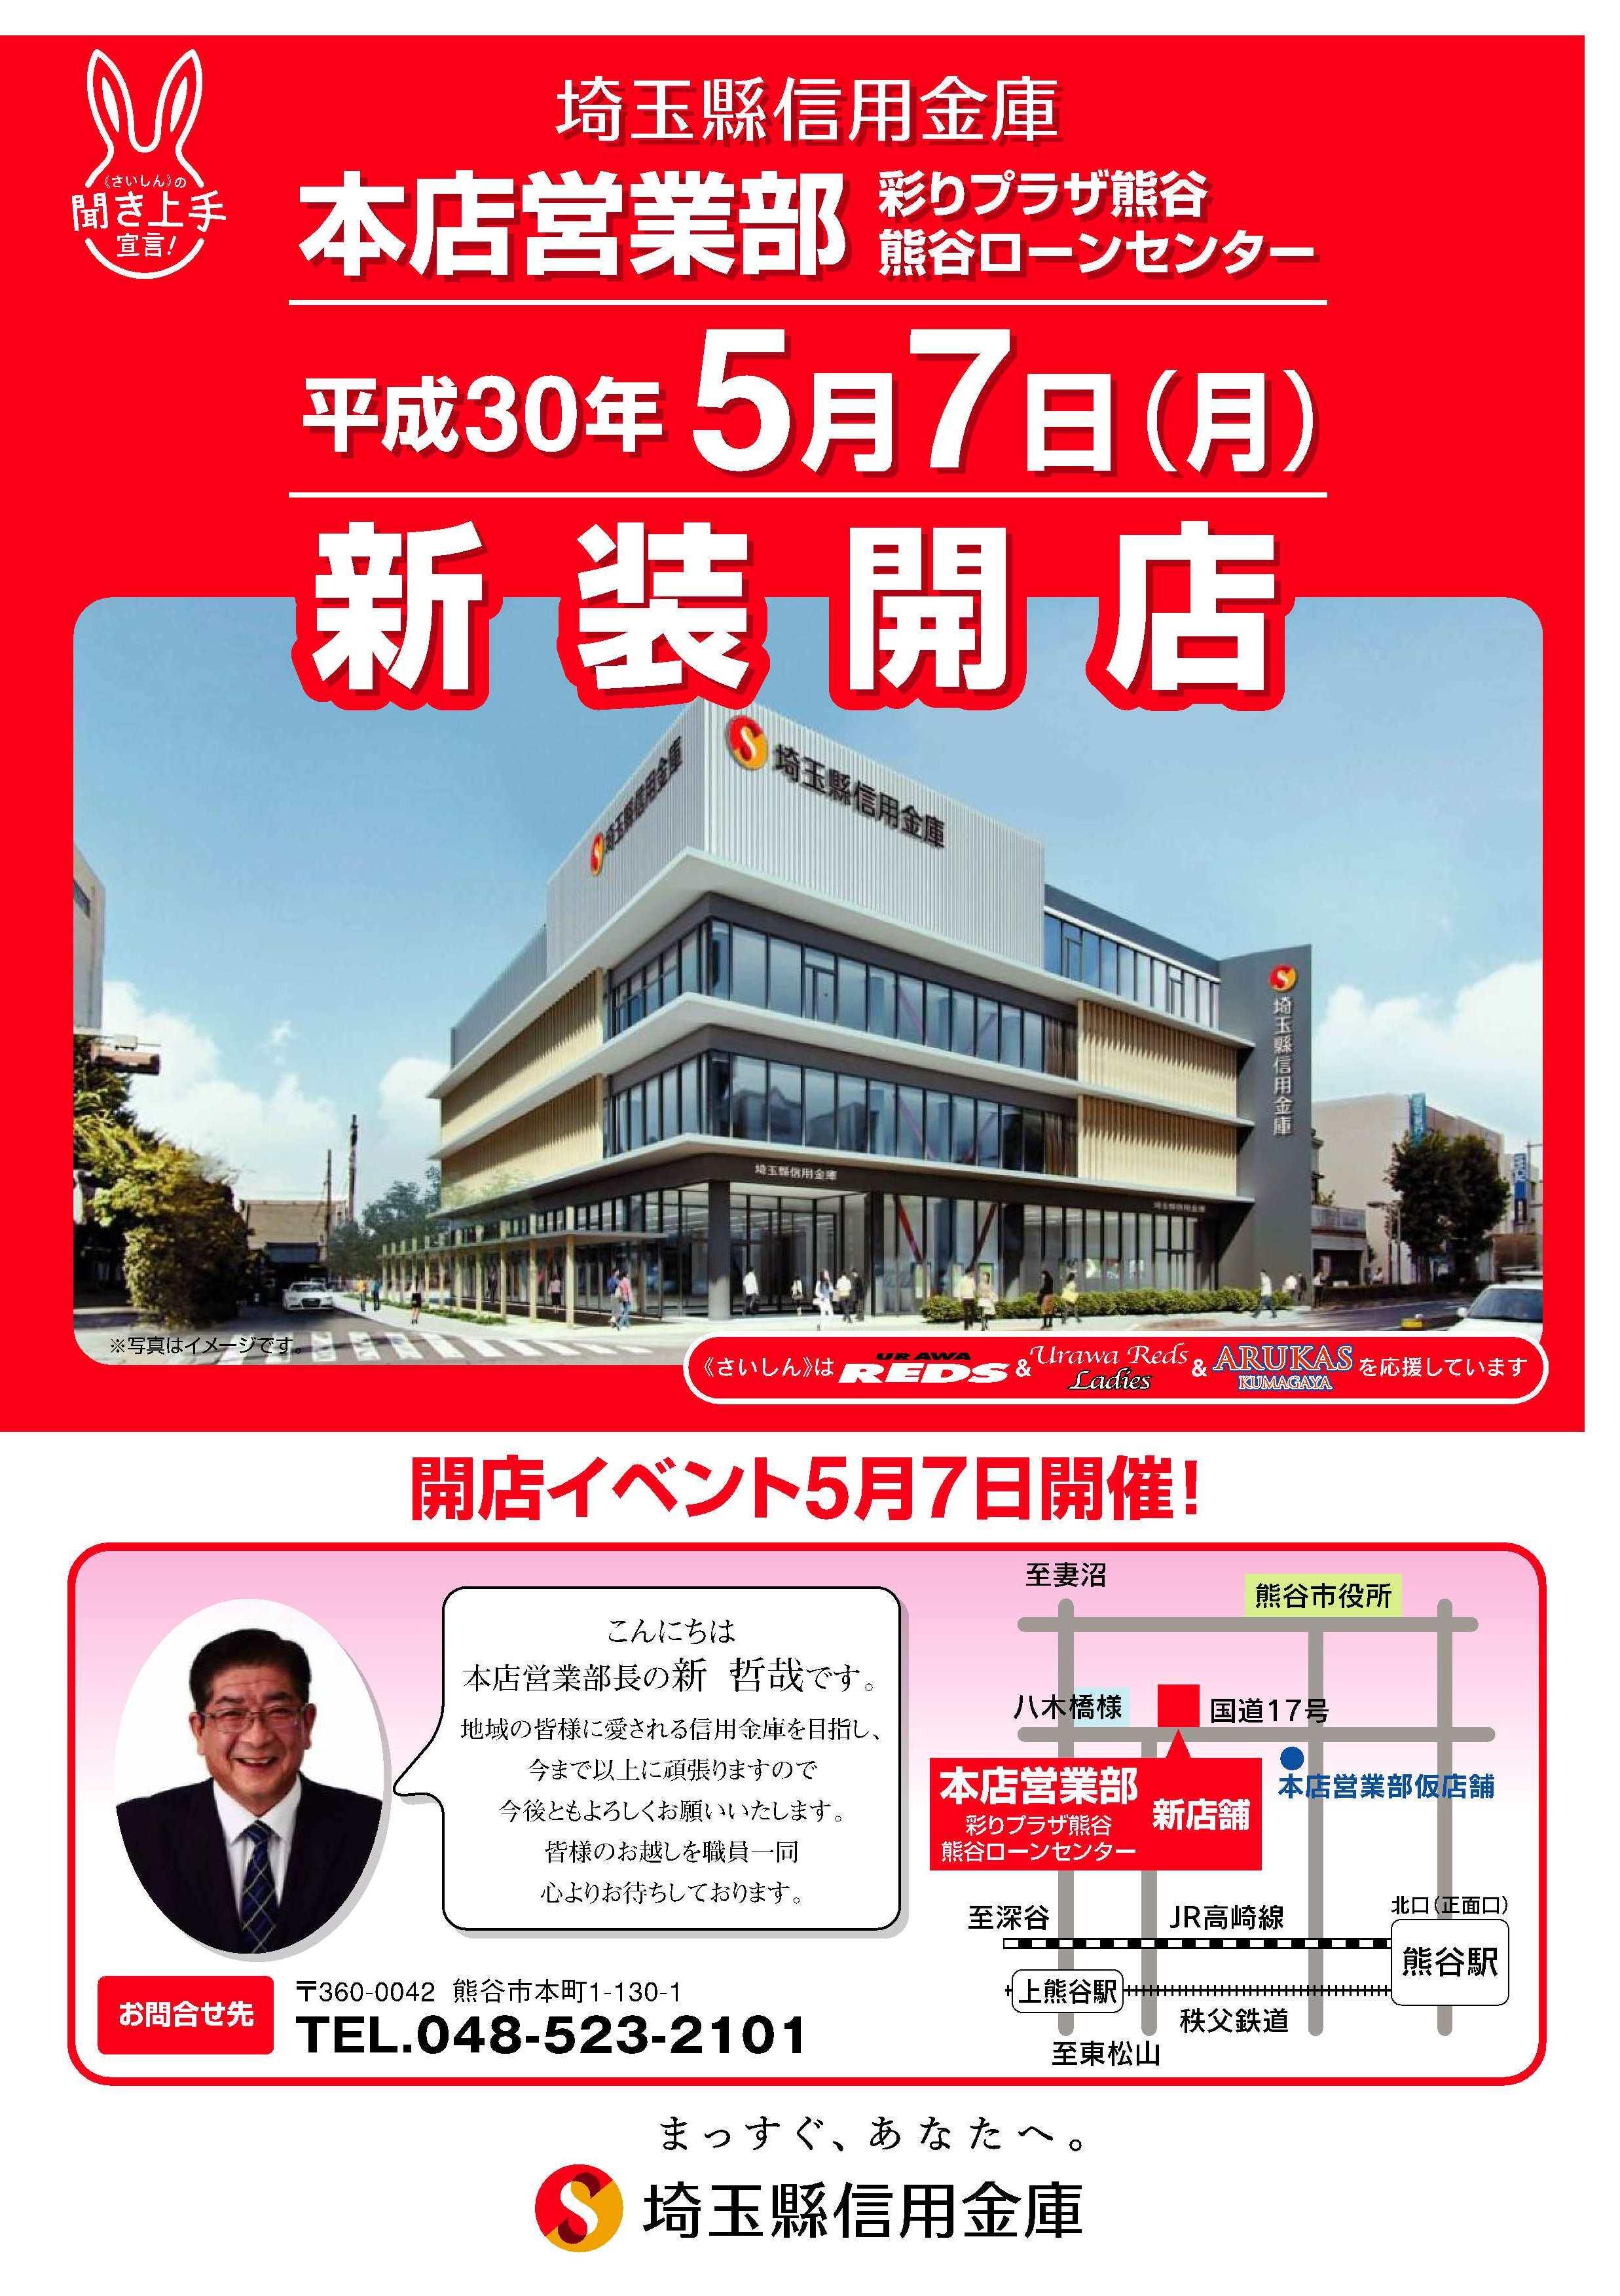 埼玉 信用 金庫